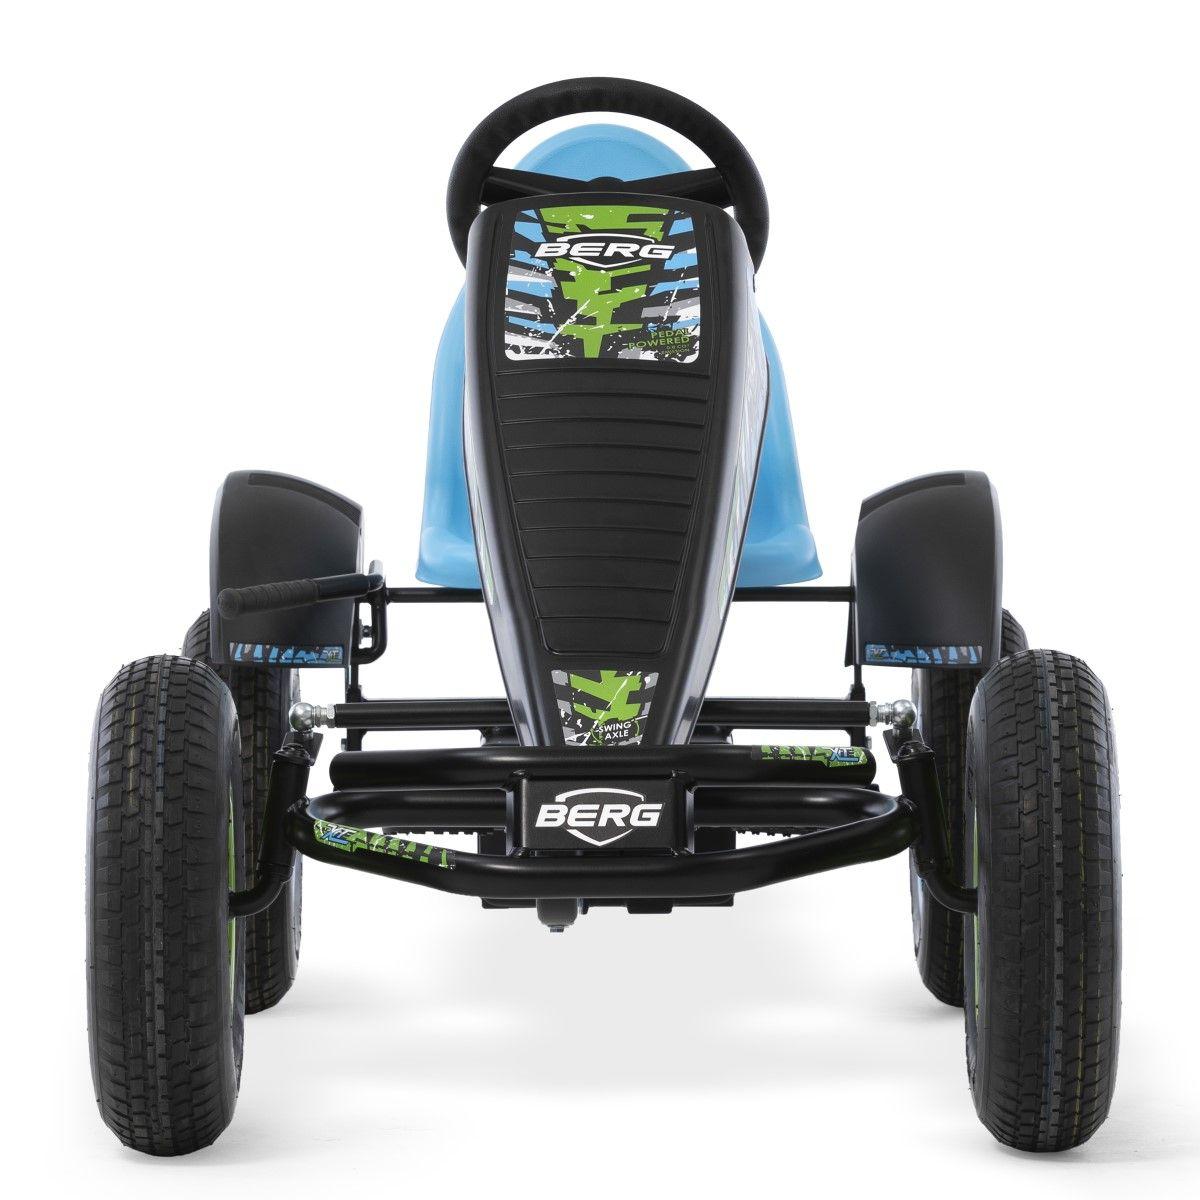 Berg Xxl X-ite E-bfr-3 Go Kart